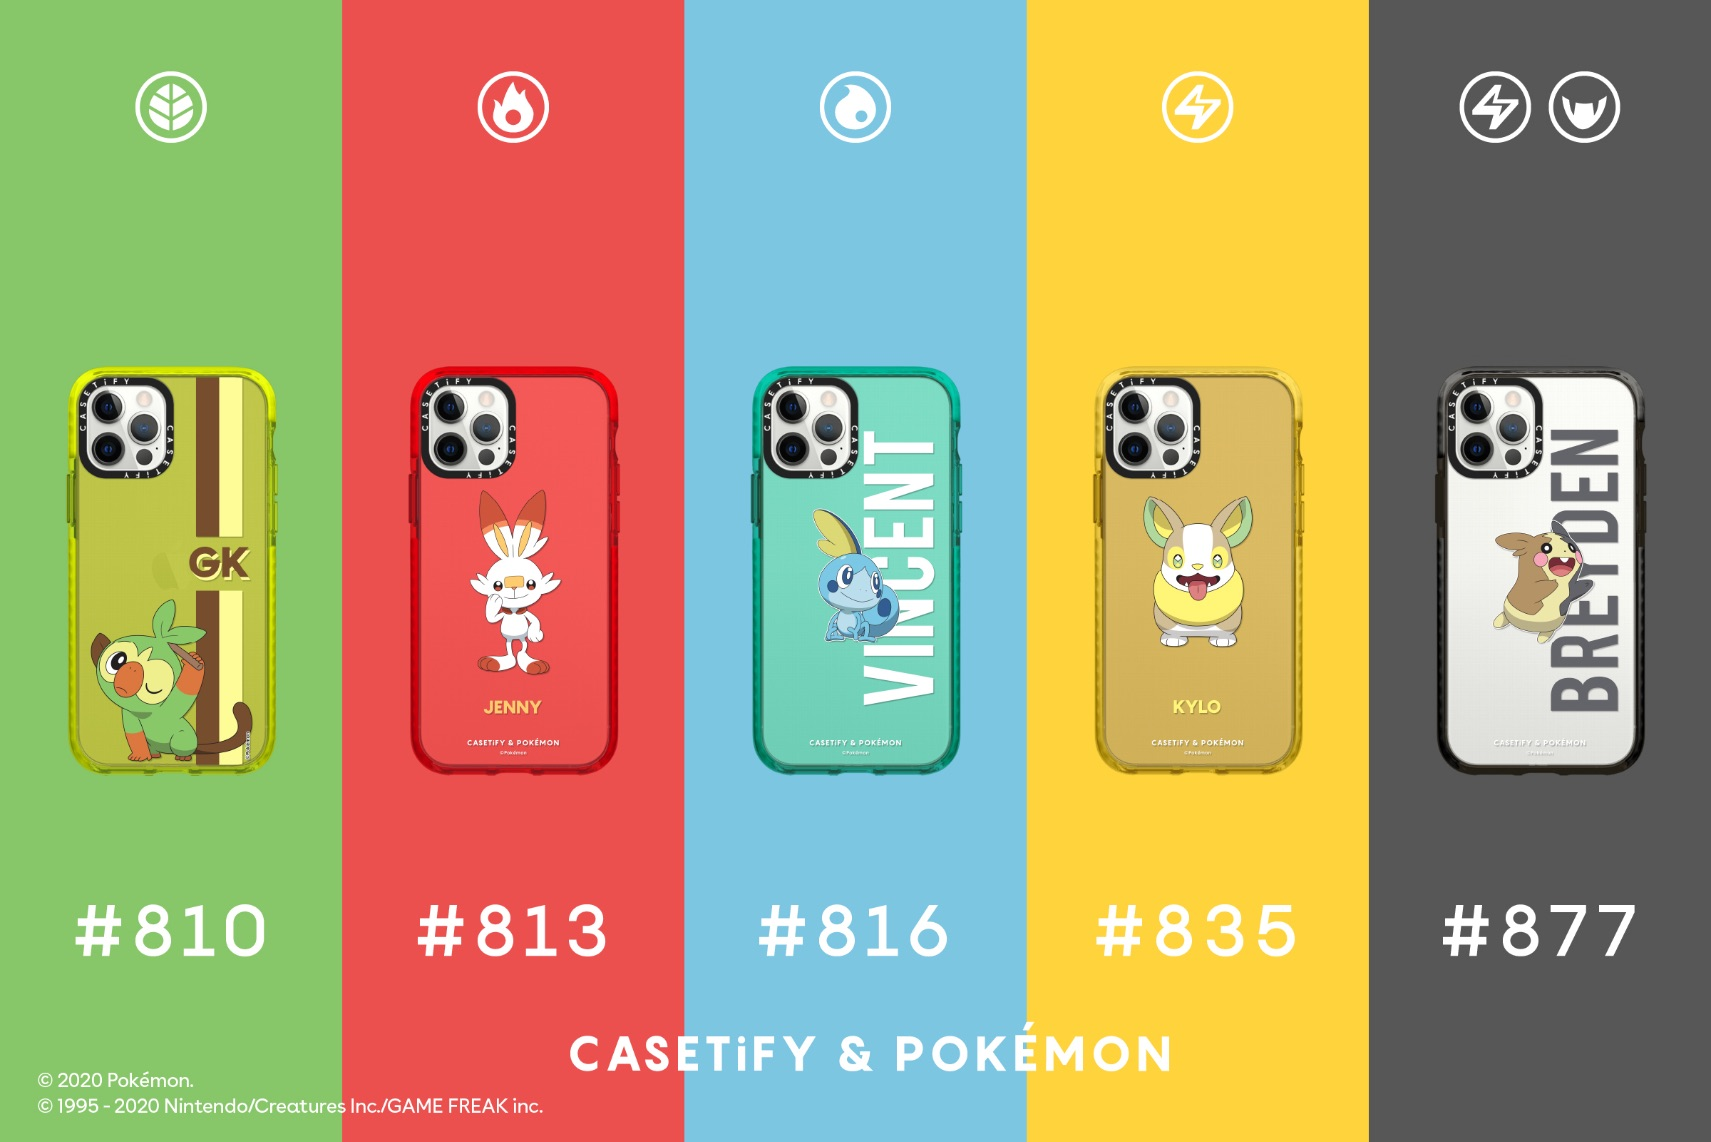 casetify-pokemon-%e3%83%9d%e3%82%b1%e3%83%a2%e3%83%b3-%e7%b2%be%e9%9d%88%e5%af%b6%e5%8f%af%e5%a4%a21-2